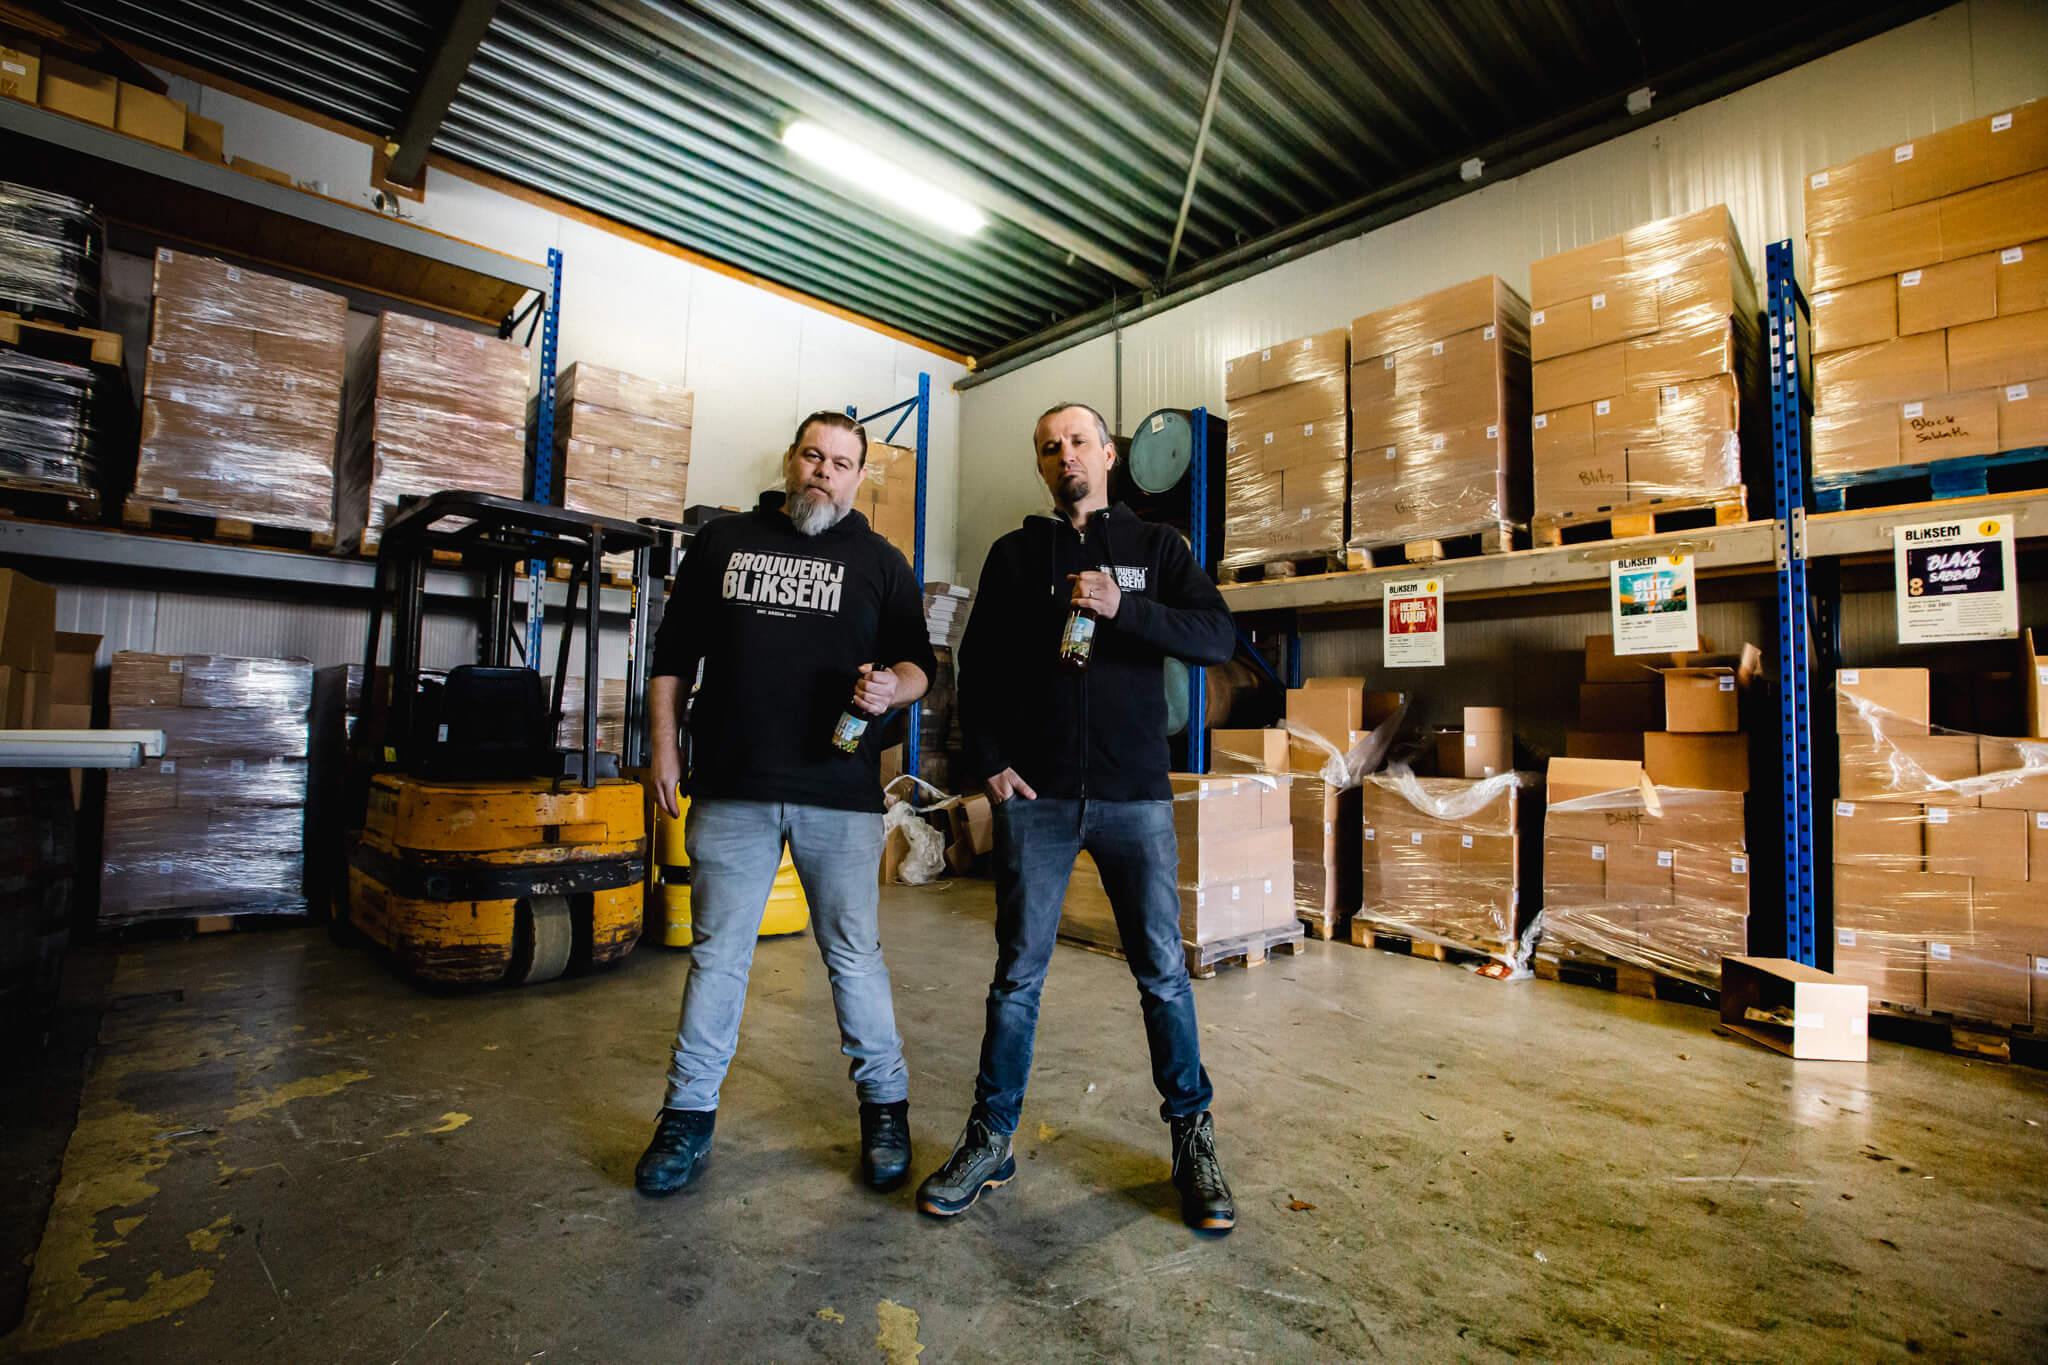 WEEK 16: Het verhaal van brouwerij Bliksem